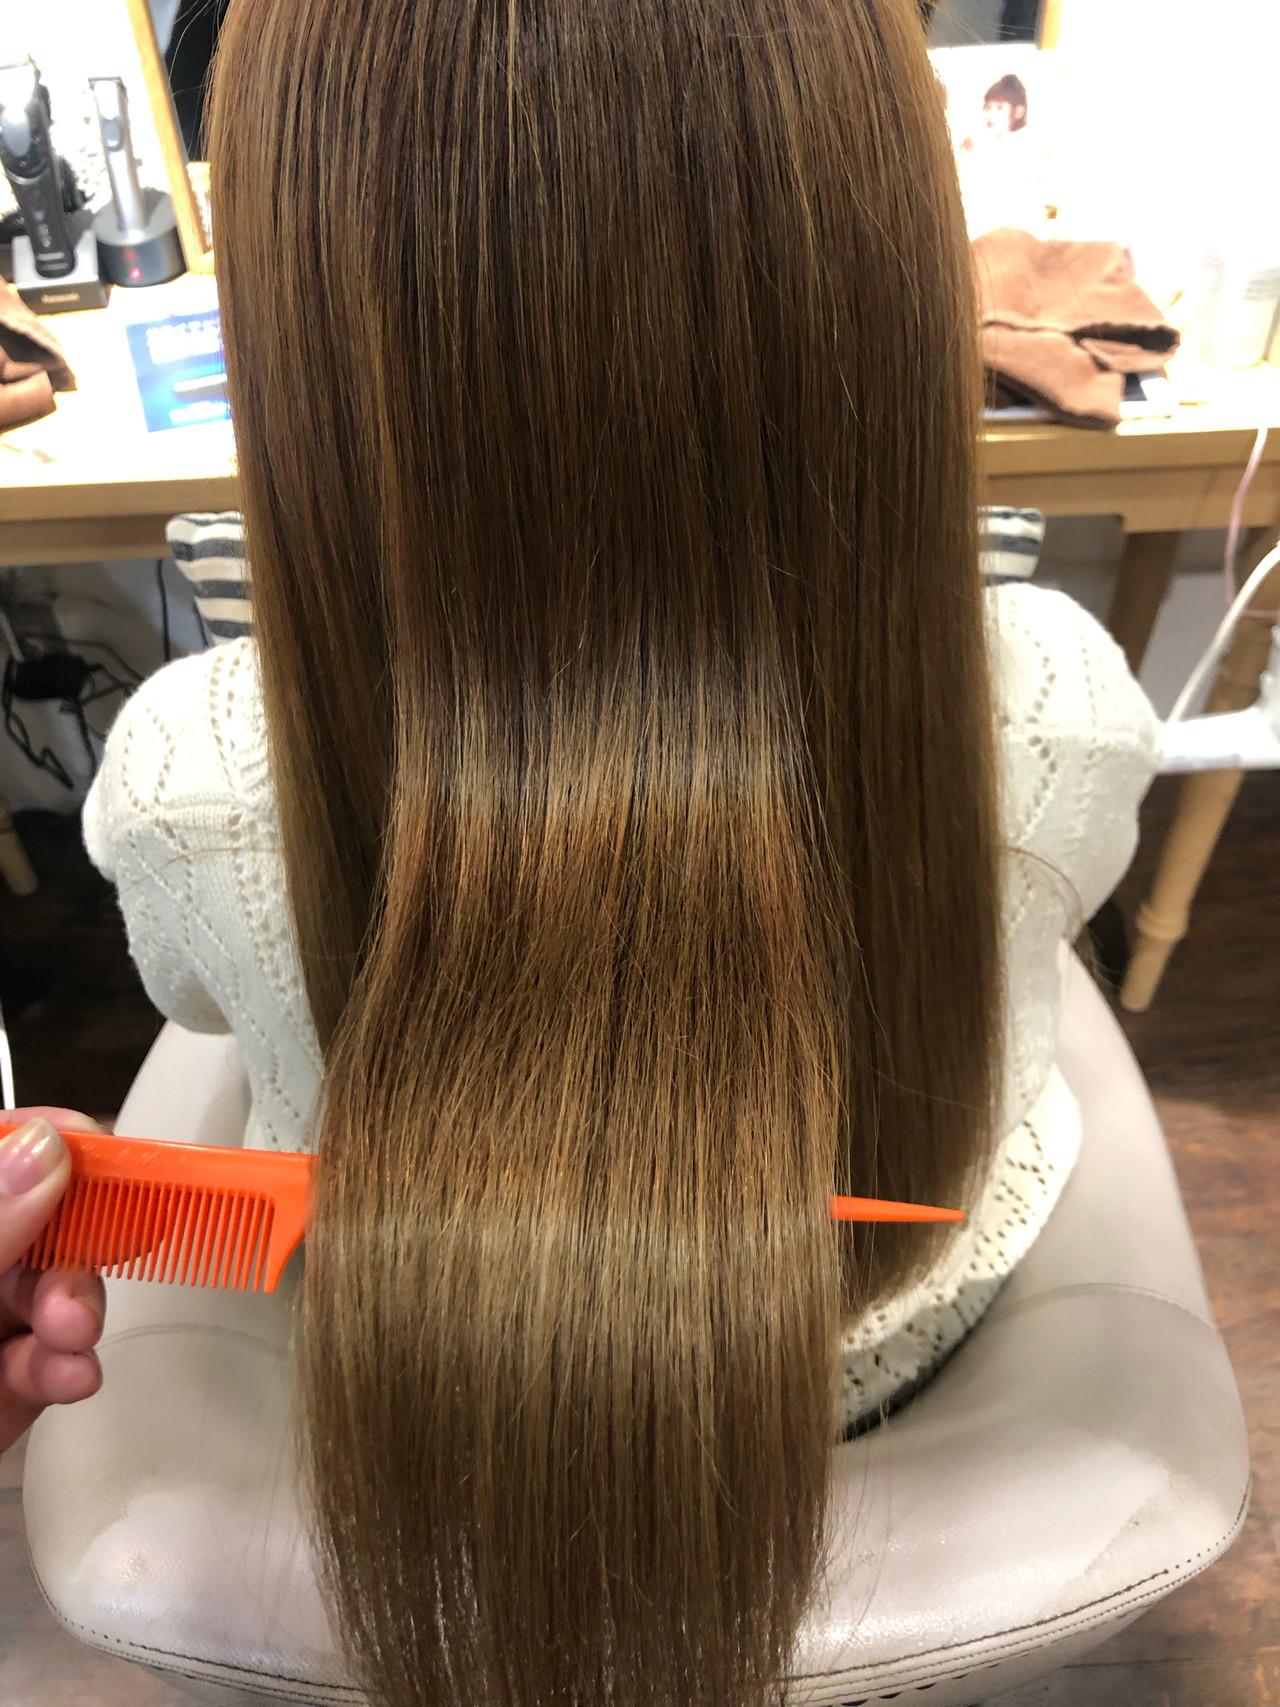 ツヤ髪 ストレート ロング 髪質改善トリートメント ヘアスタイルや髪型の写真・画像 | 石川美沙樹 / RITA&Co.